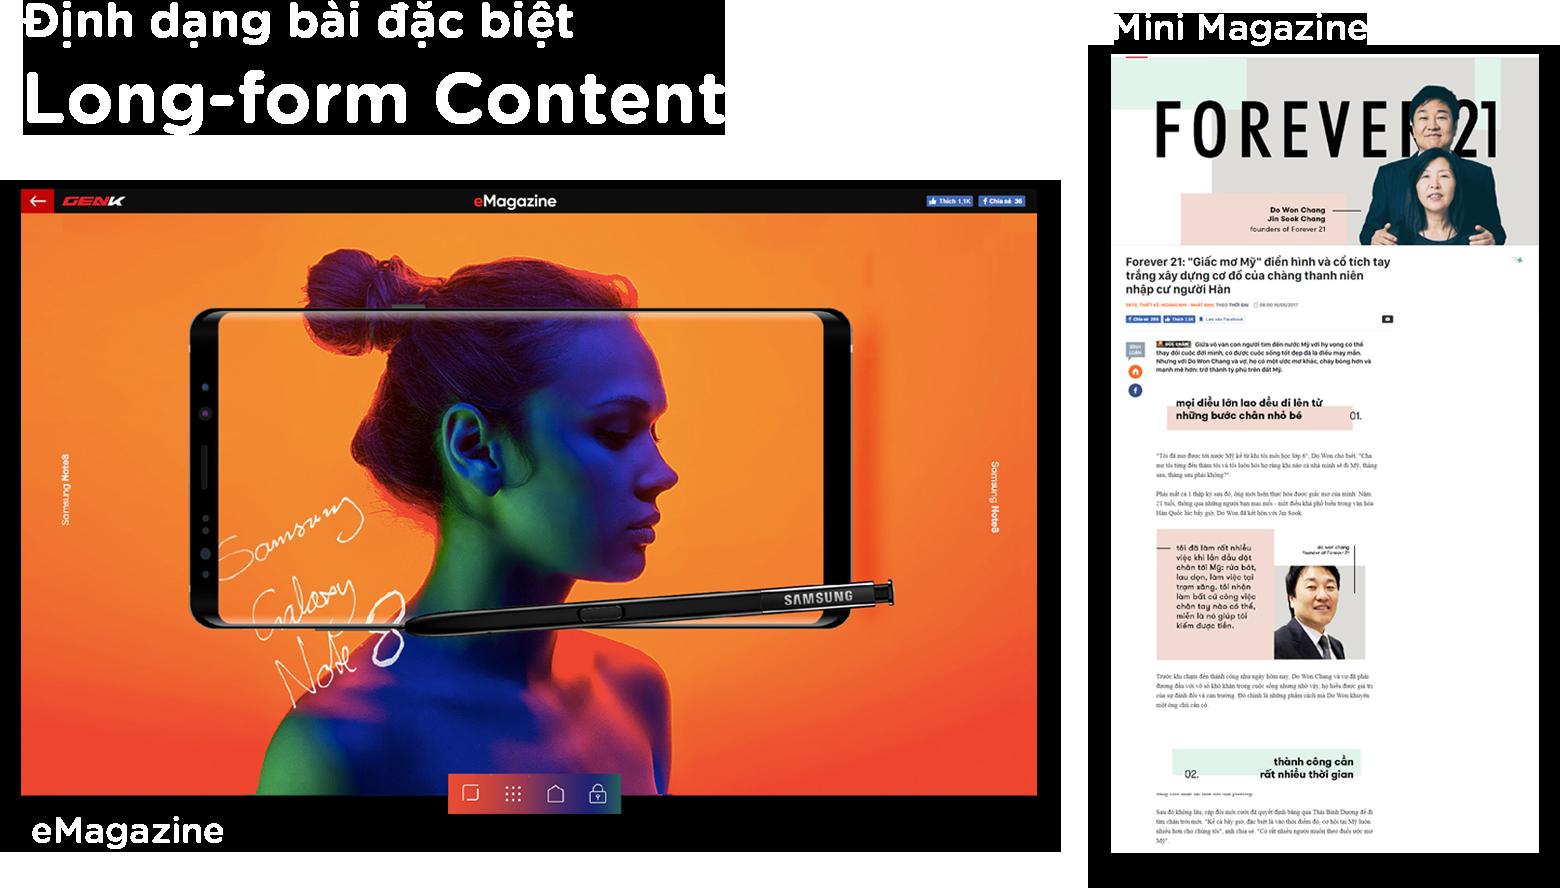 Tổng quan về emagazine, hình thức làm báo điện tử sống động hấp dẫn marketingreview.vn 3